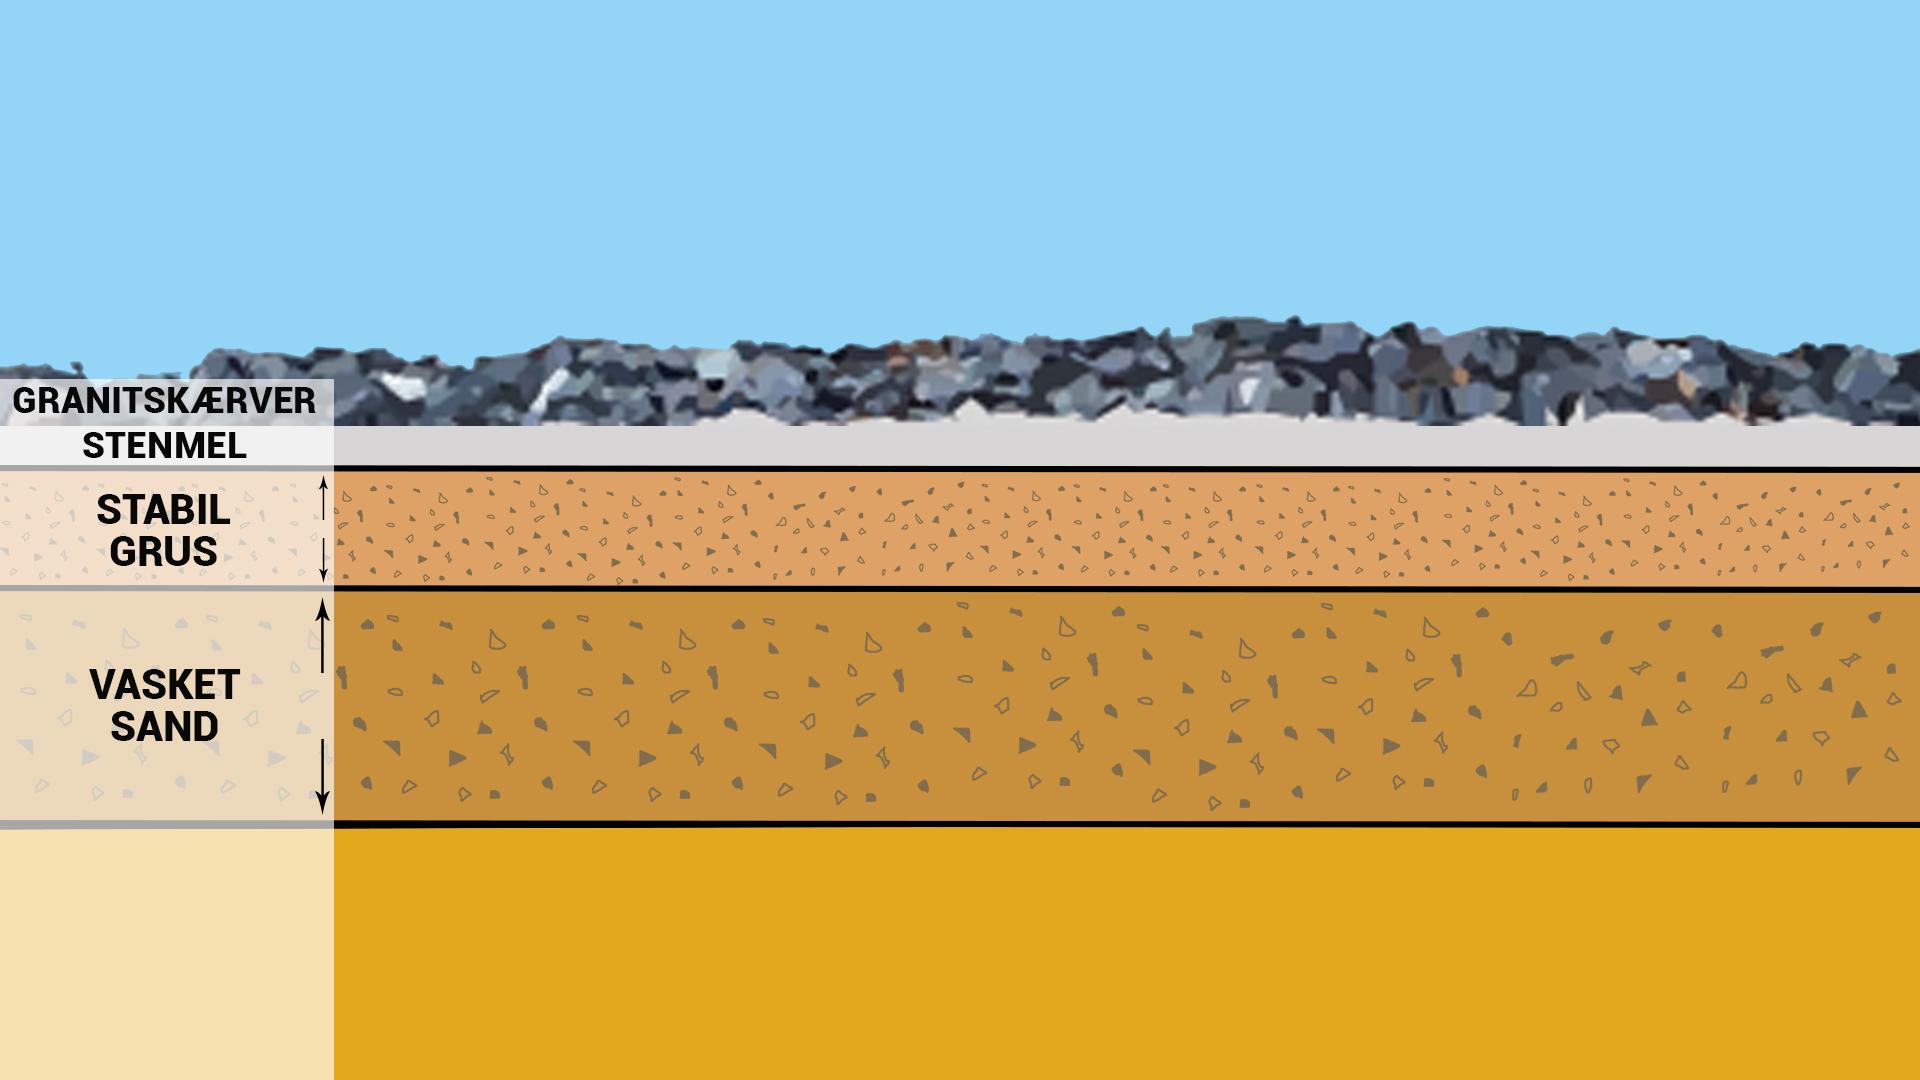 Opbygning af indkørsel ved brug af granitskærver som belægning